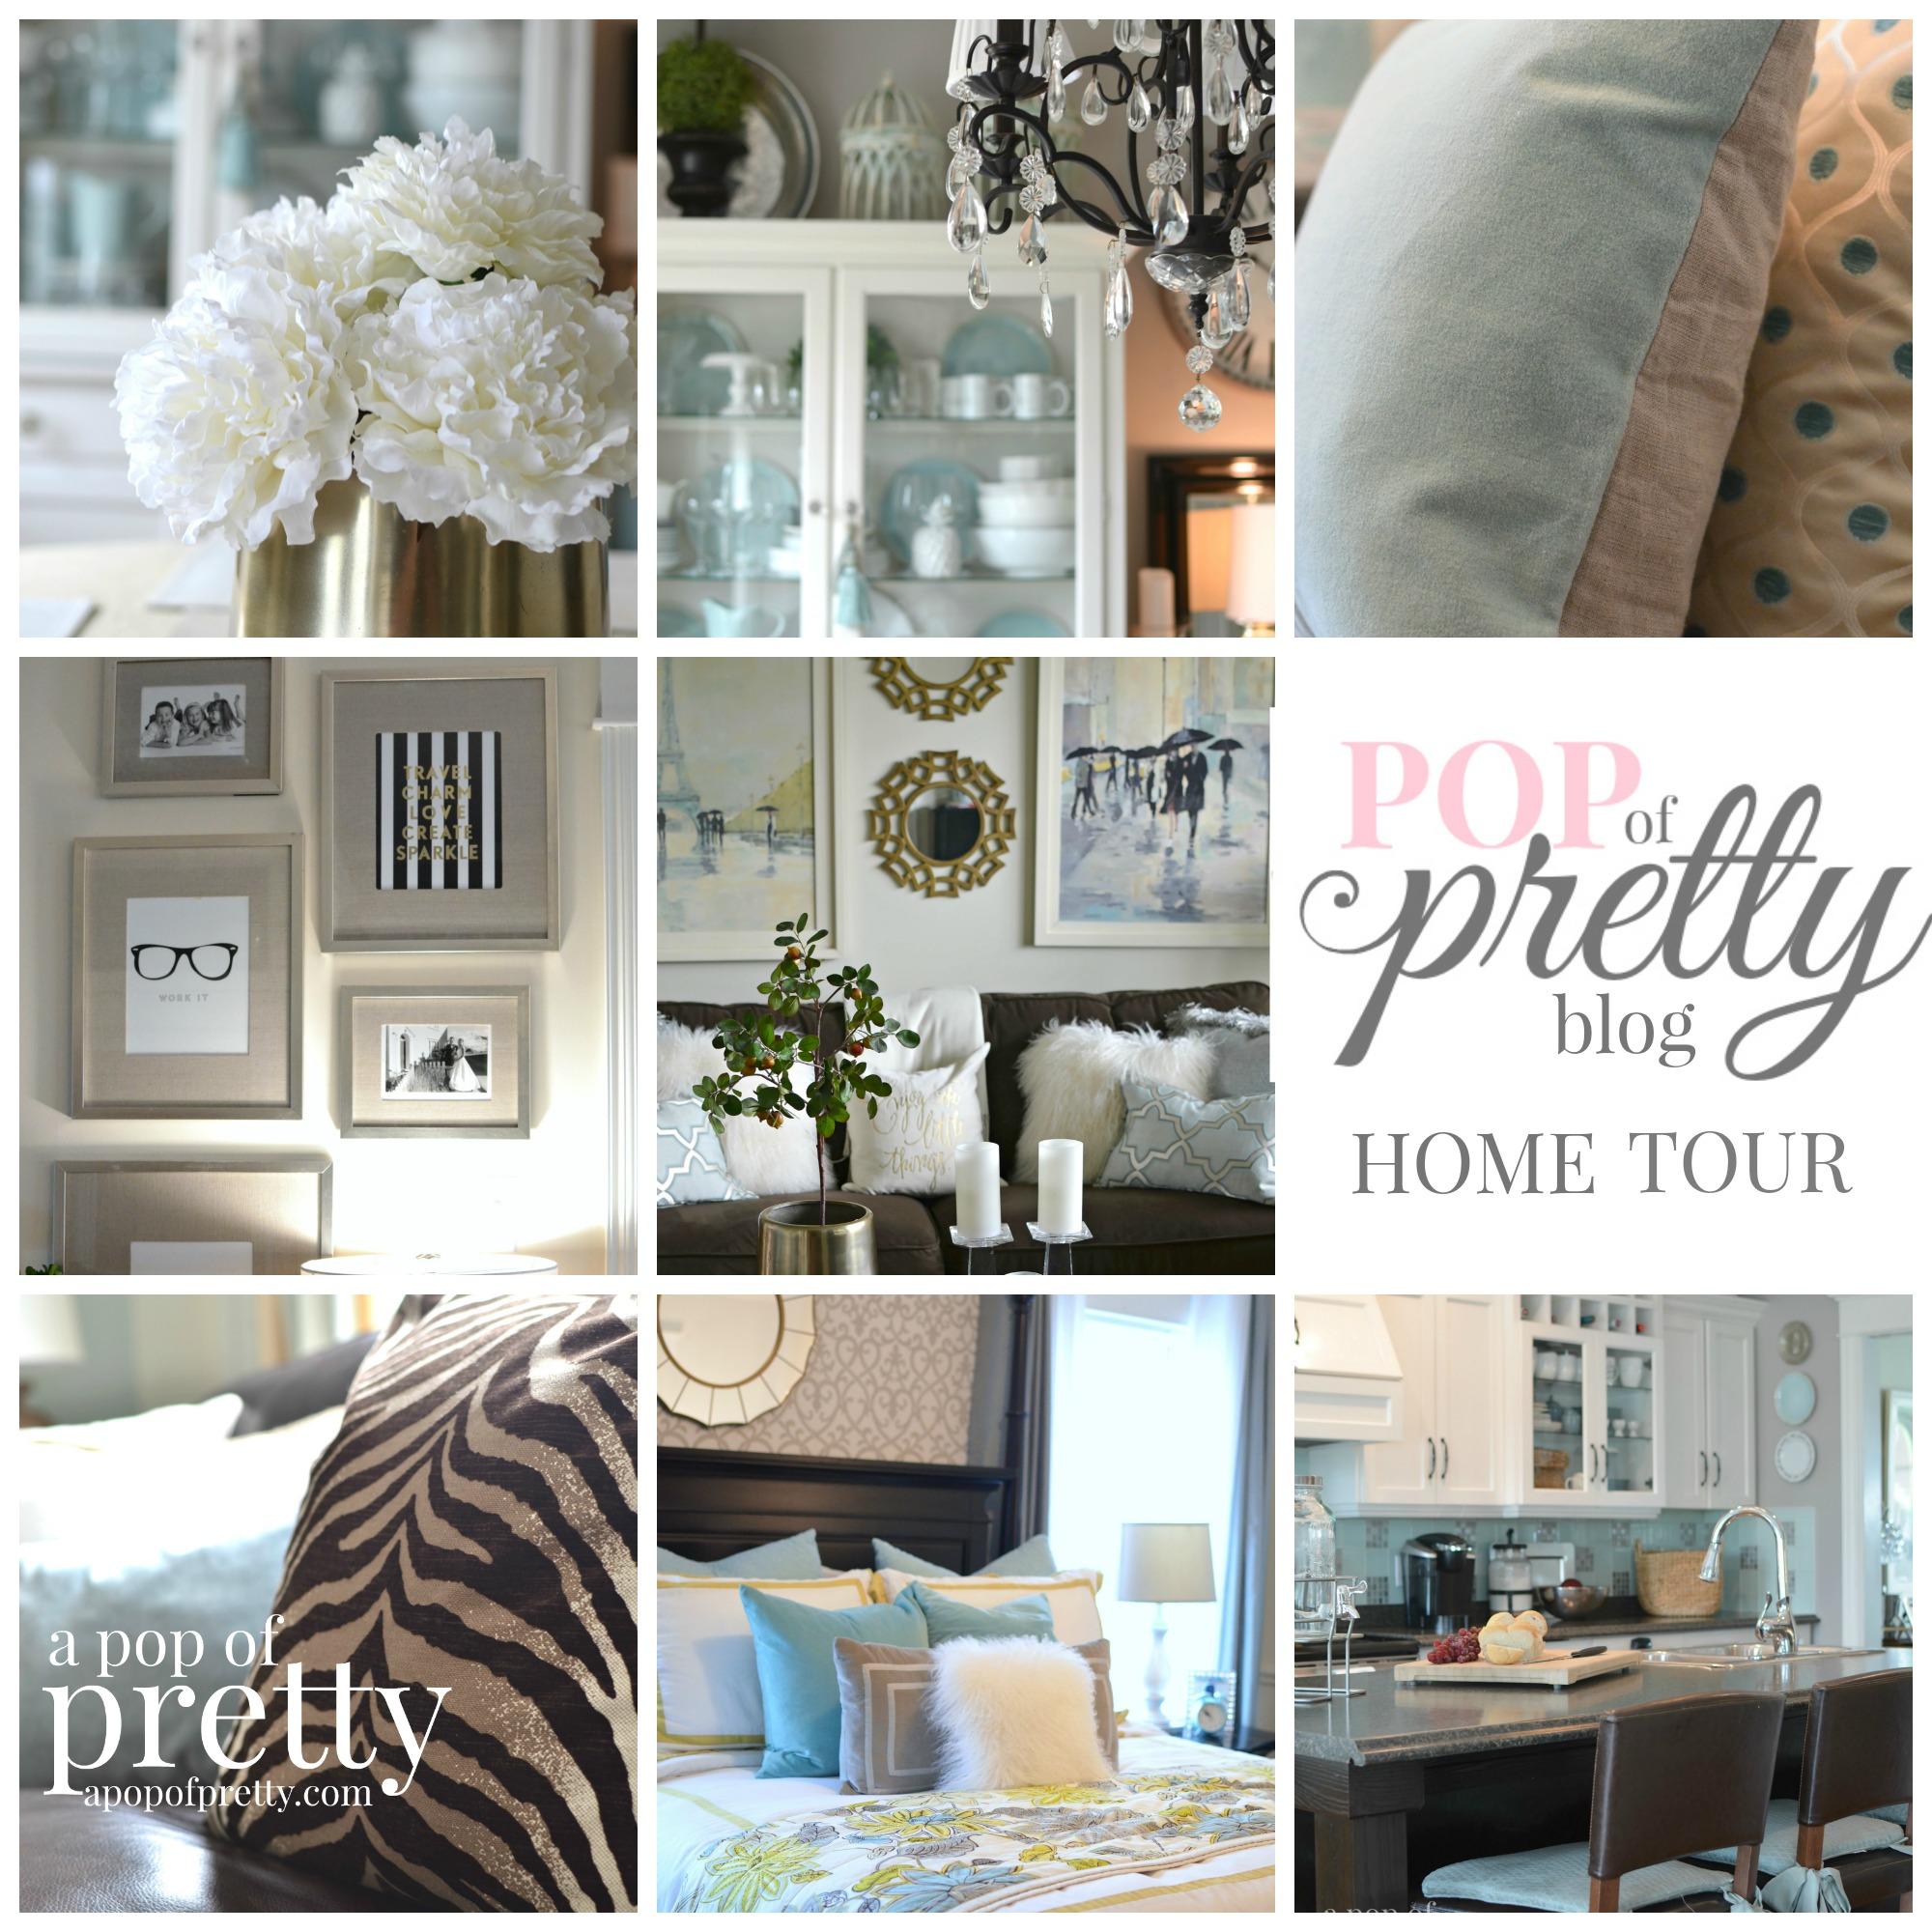 Home Decor Ideas Blog Home Tour A Pop Of Pretty Home Decor Blog A Pop Of